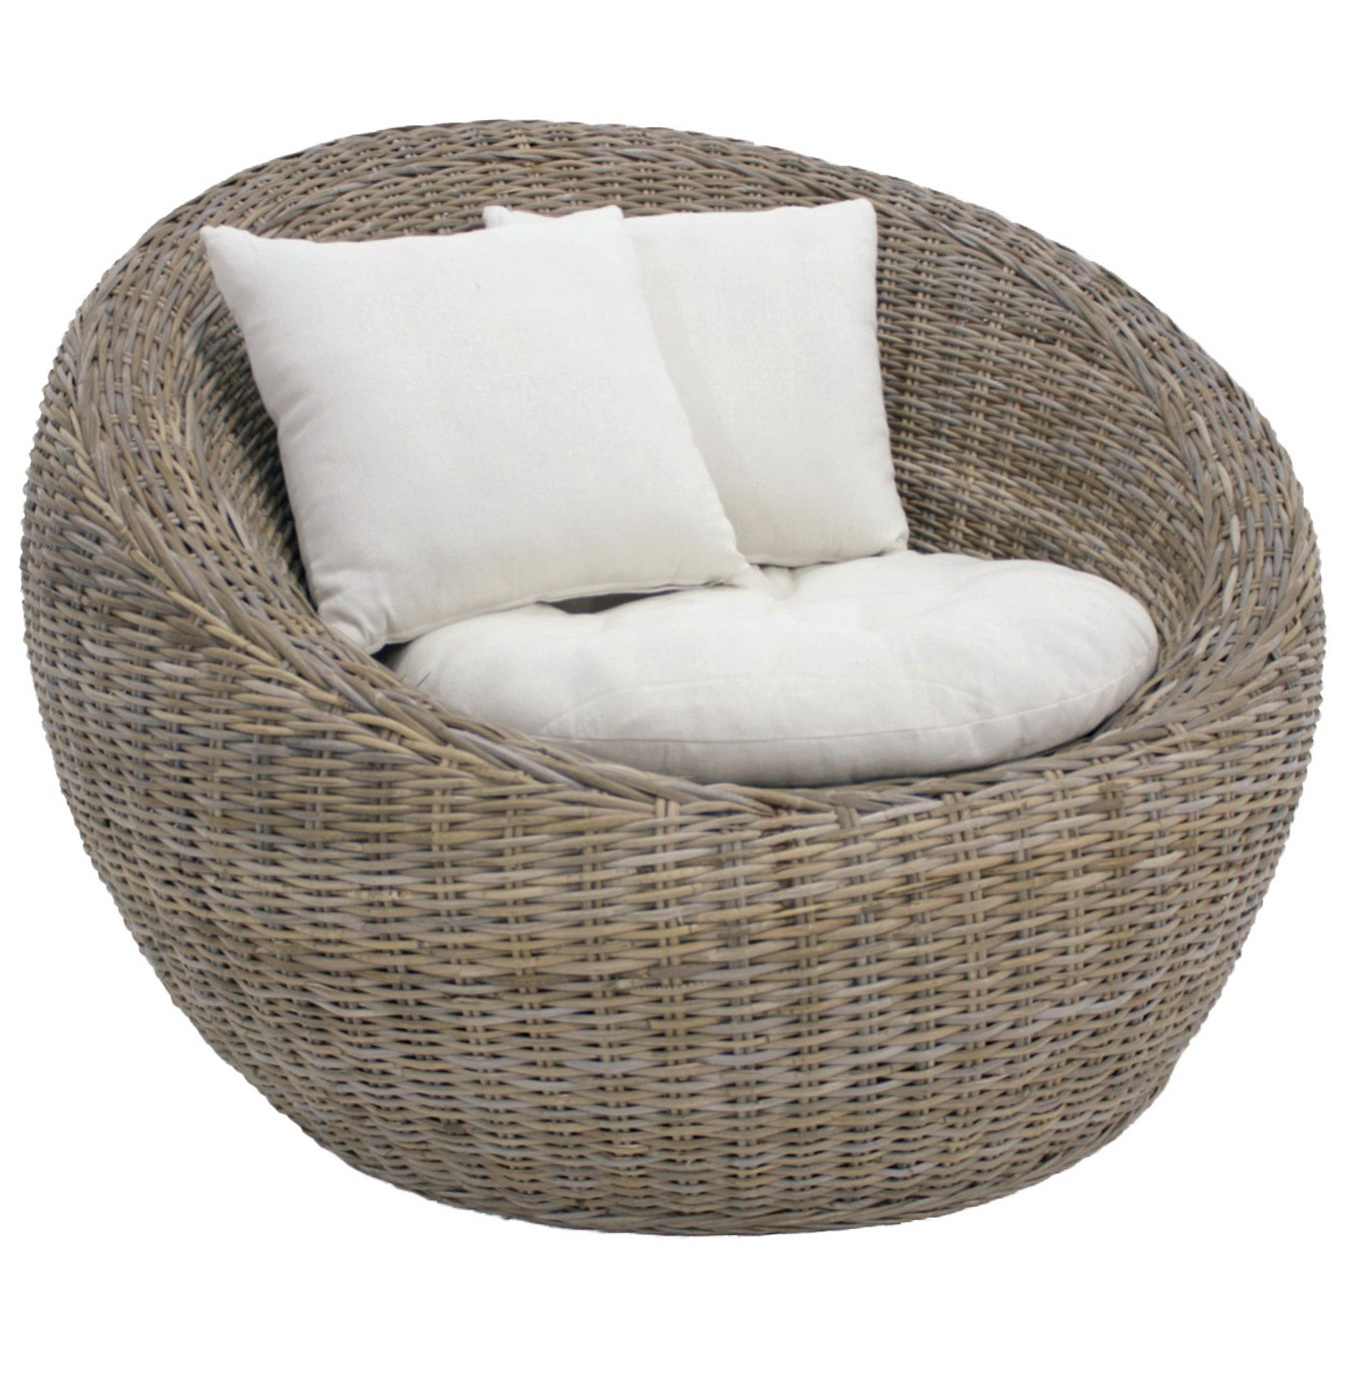 Round Wicker Chair Cushions Home Design Ideas